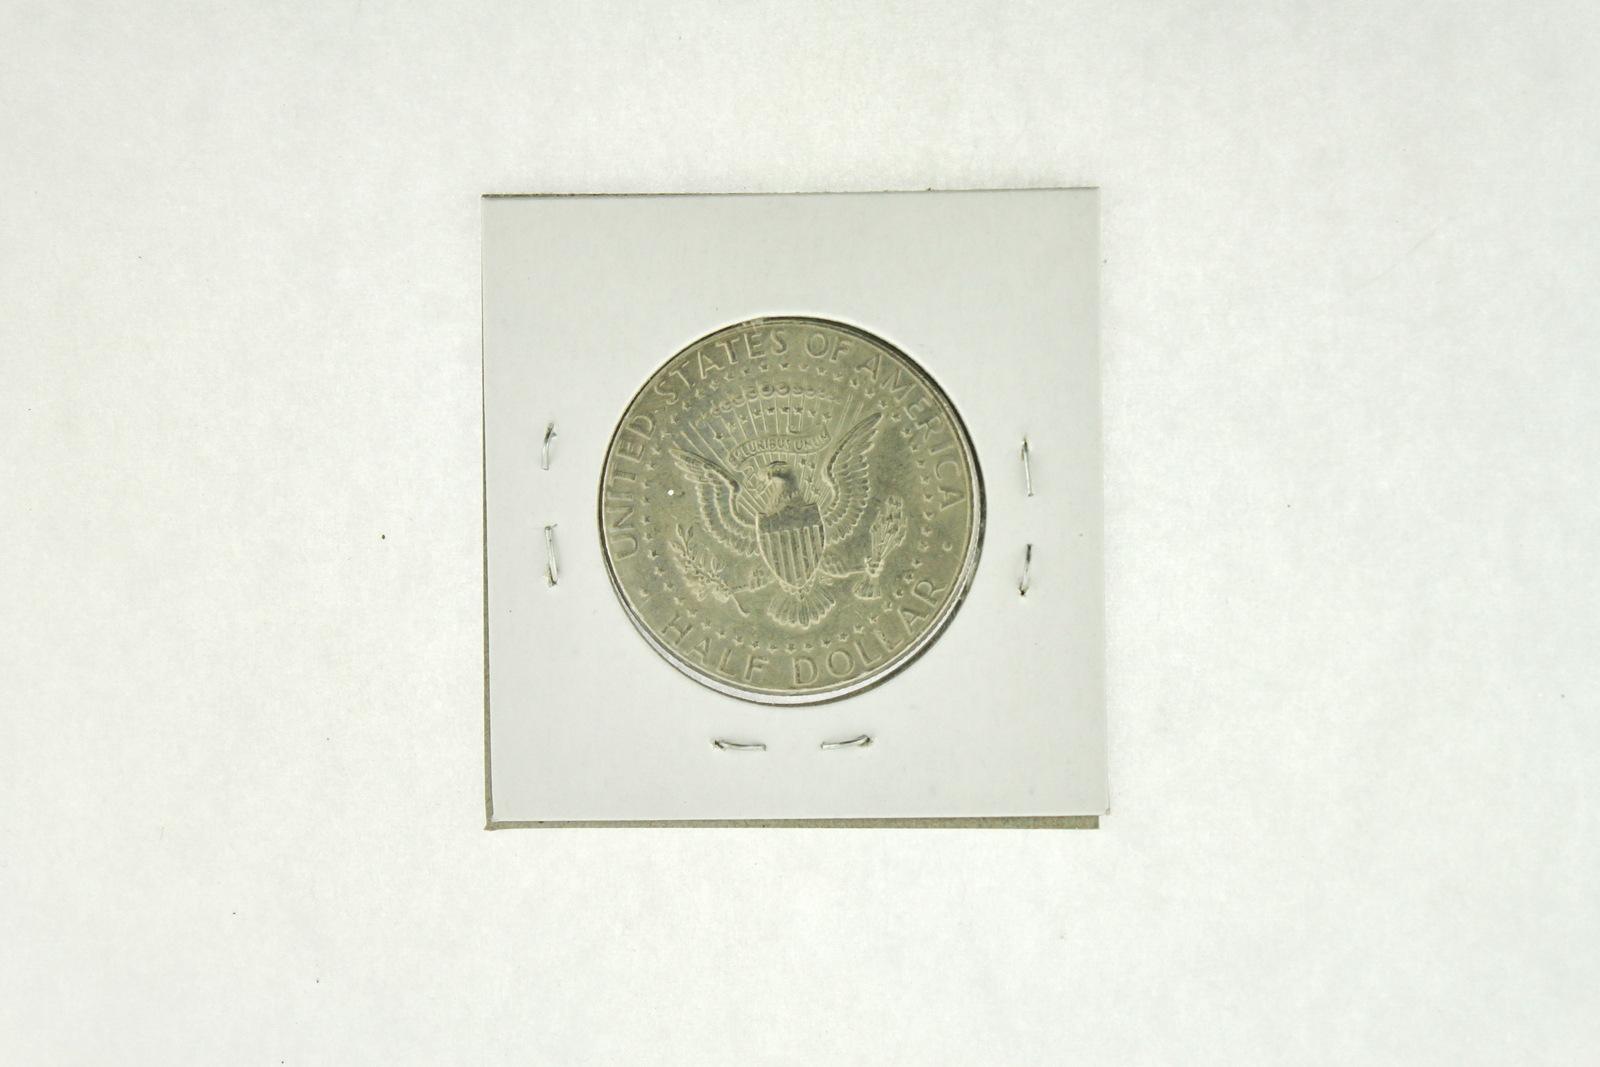 2000-D Kennedy Half Dollar (F) Fine N2-4008-1